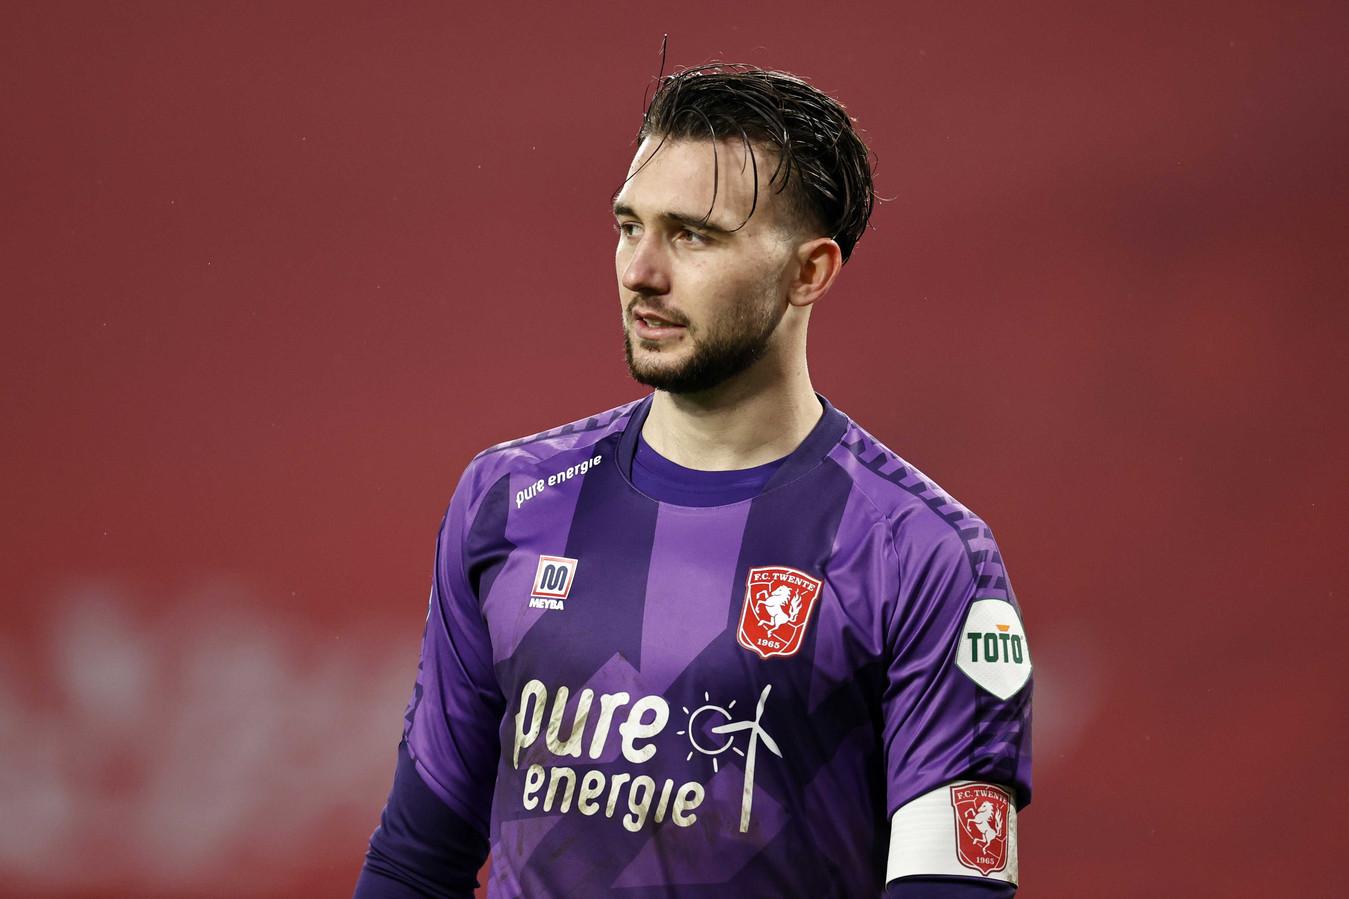 Joël Drommel eerder dit seizoen tijdens het duel met PSV.